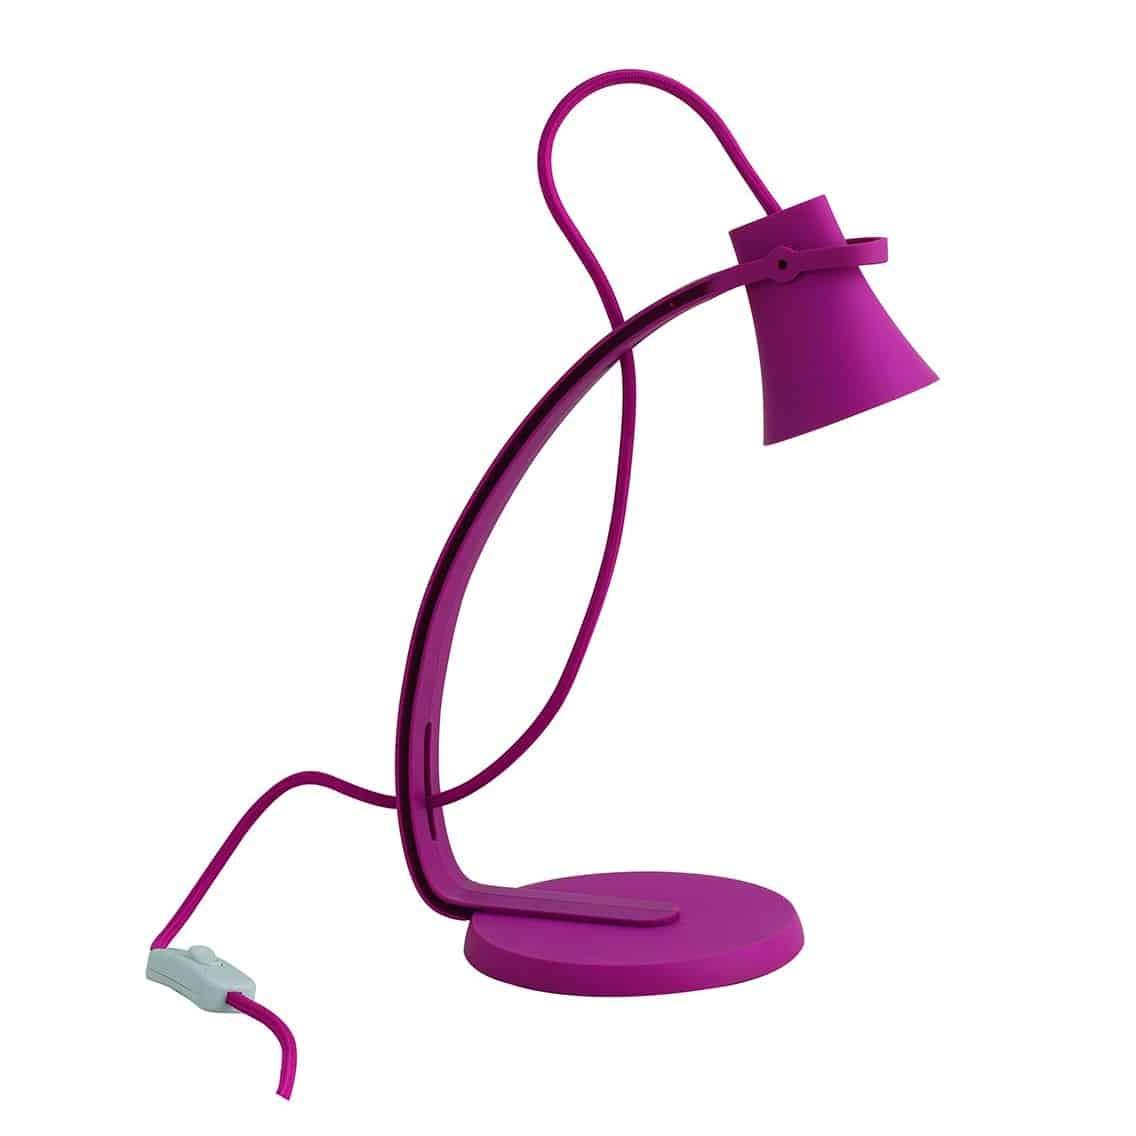 Φωτιστικό γραφείου led ροζ KANT FAN EUROPE